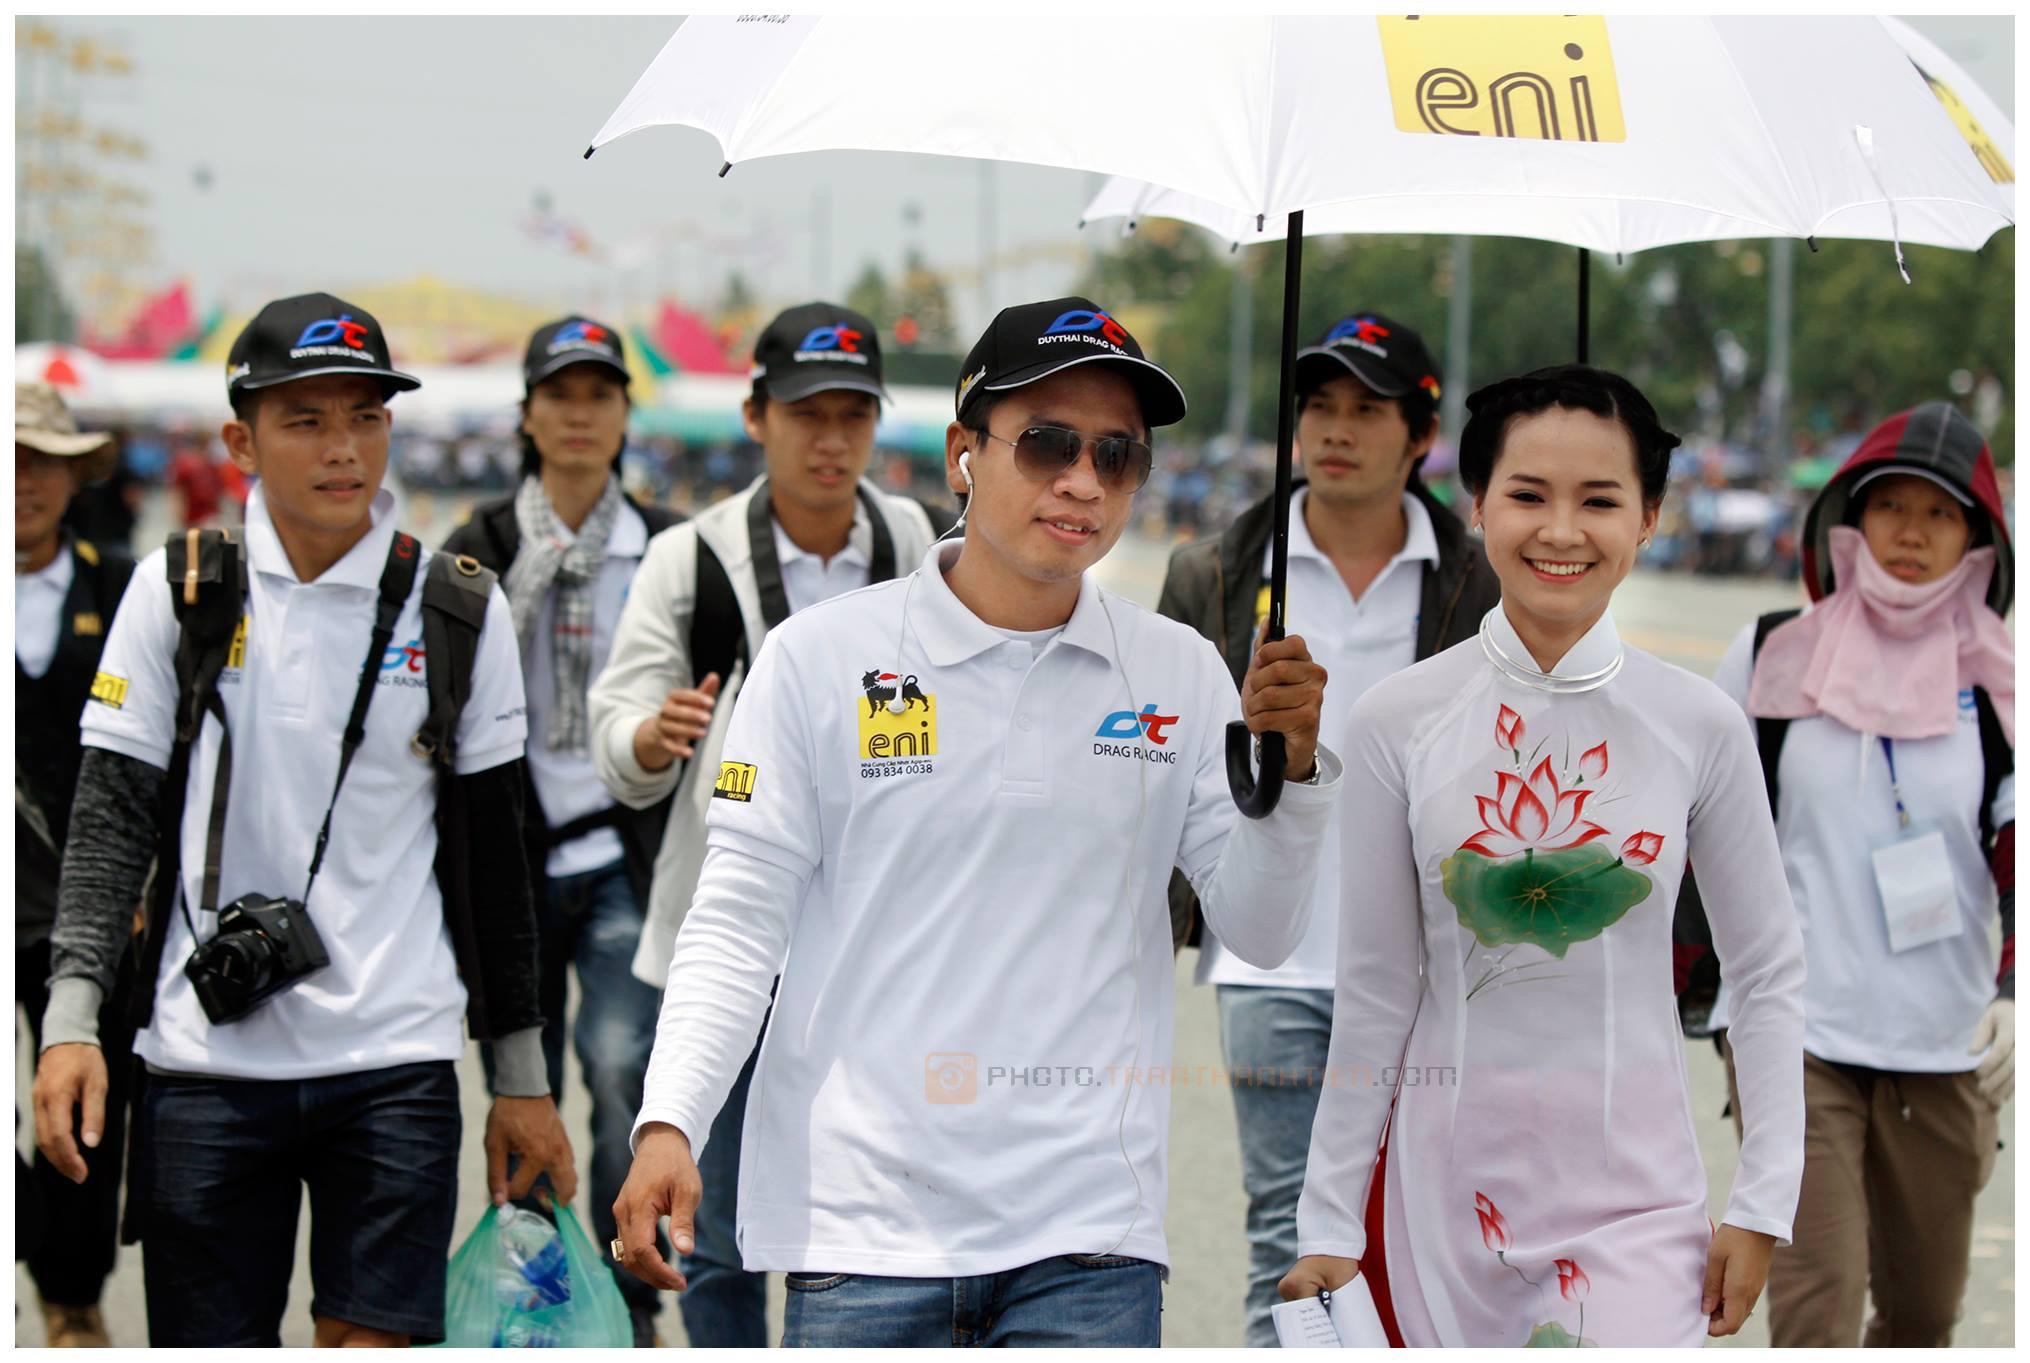 Ban tổ chức - Công ty Duy Thái cùng MC và nhóm phóng viên Ảnh Thể Thao tiến vào vị trí làm lễ khai mạc